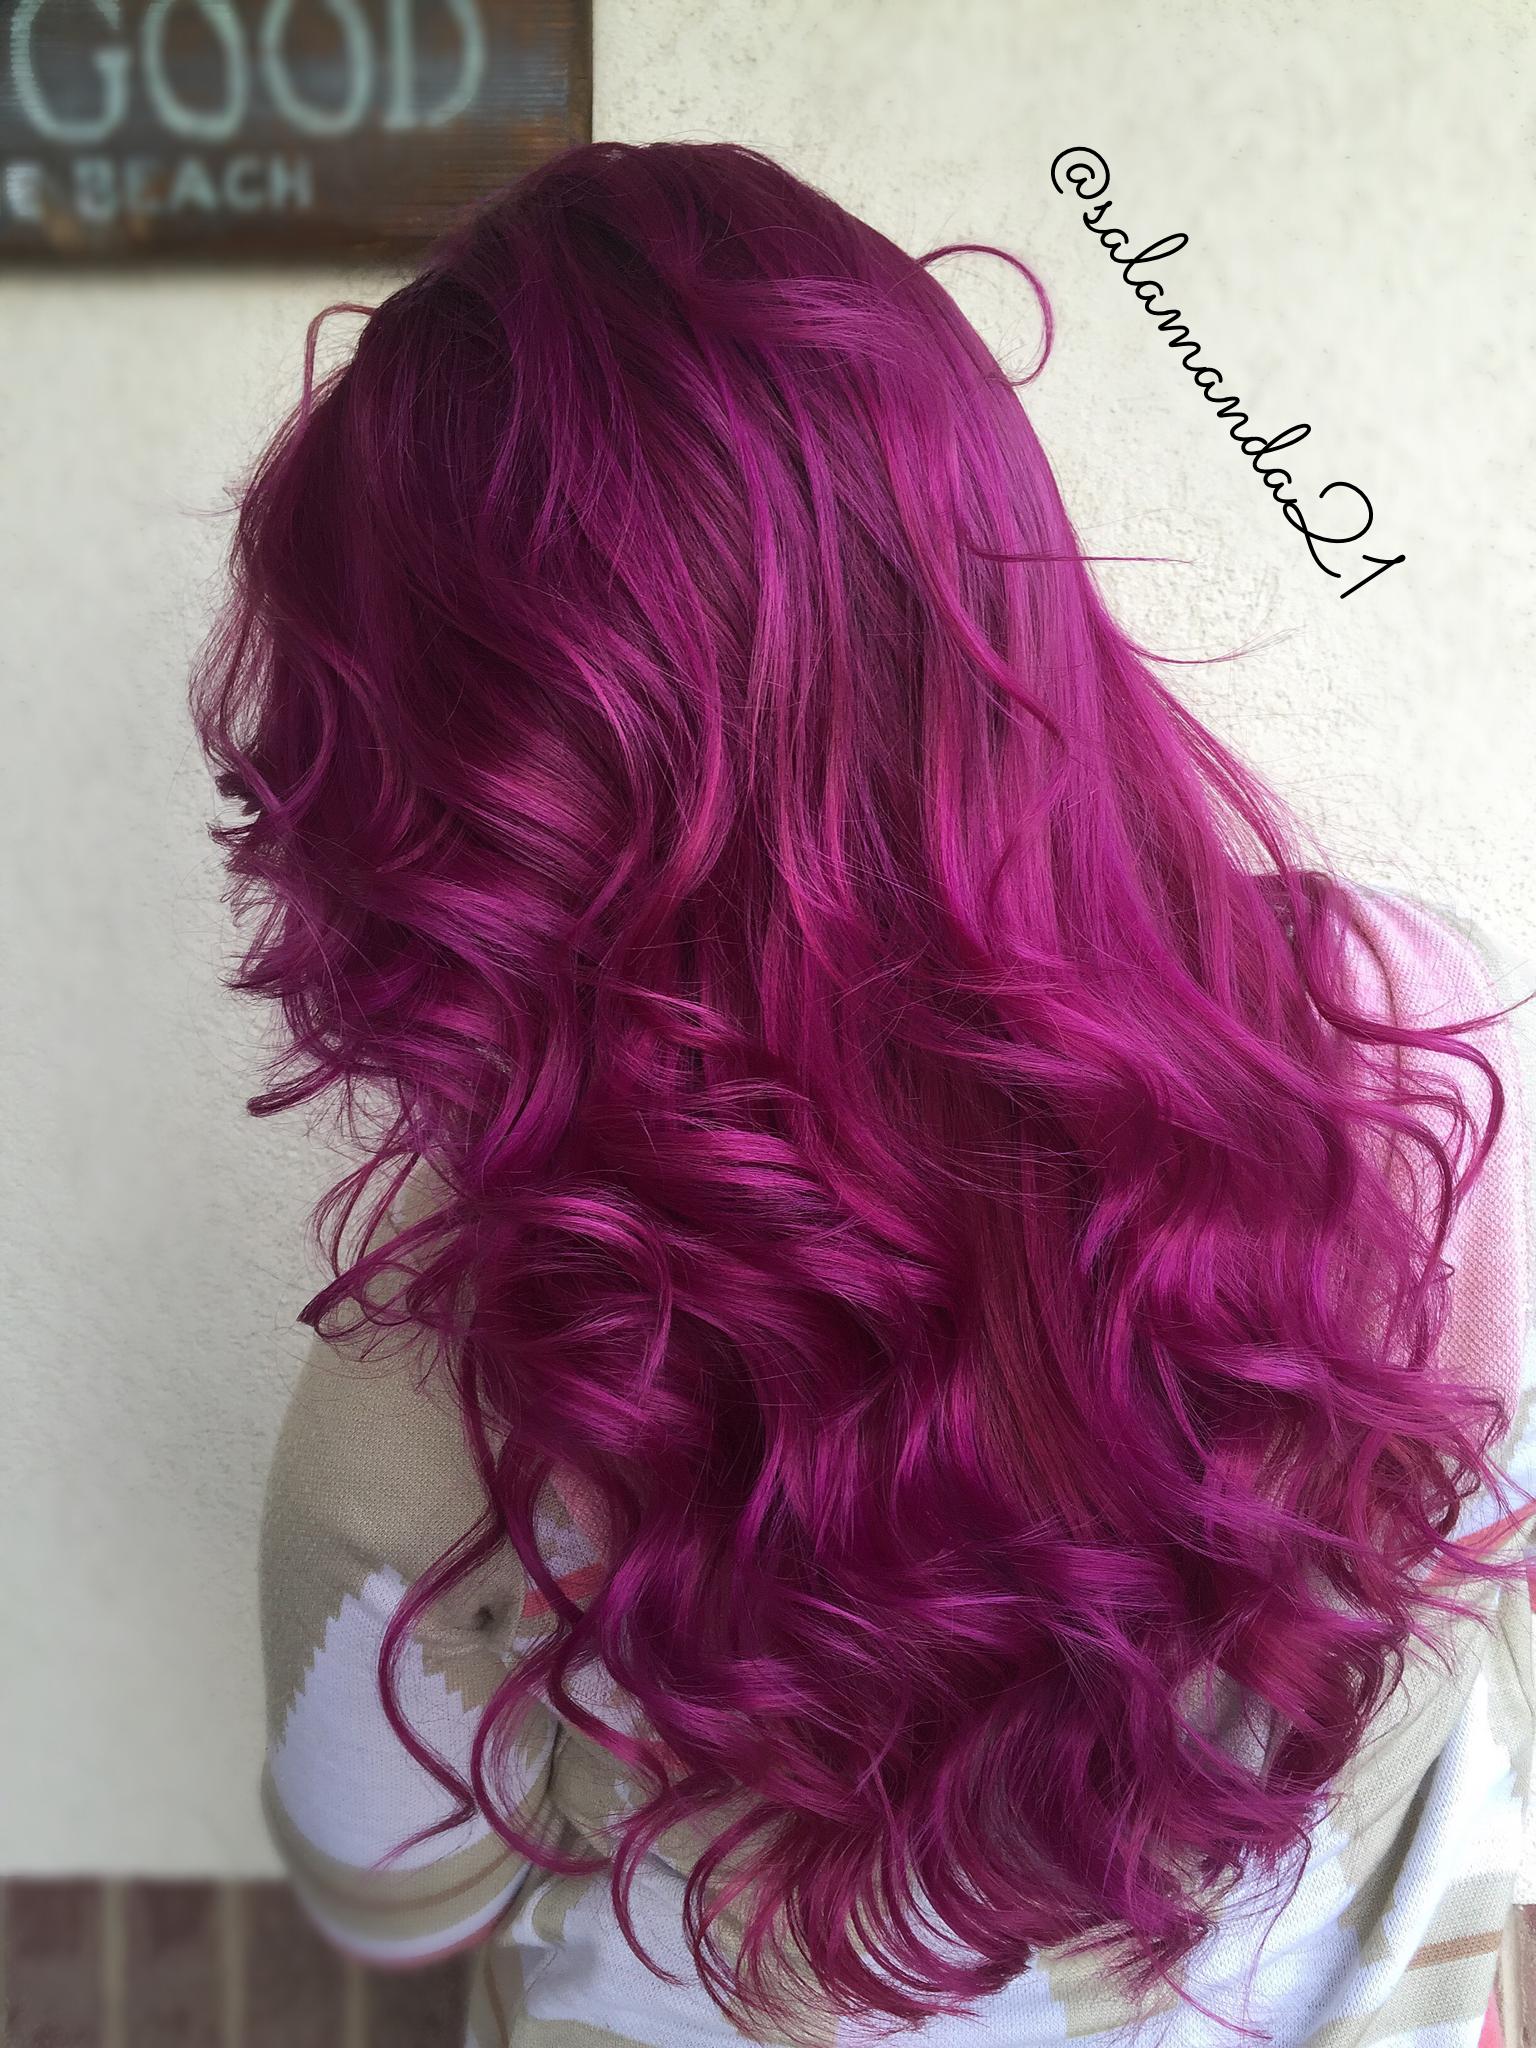 Red Pink Purple Magenta Arctic Fox Color Done By Manda Heath Salamanda21 Magenta Hair Colors Fox Hair Dye Magenta Hair